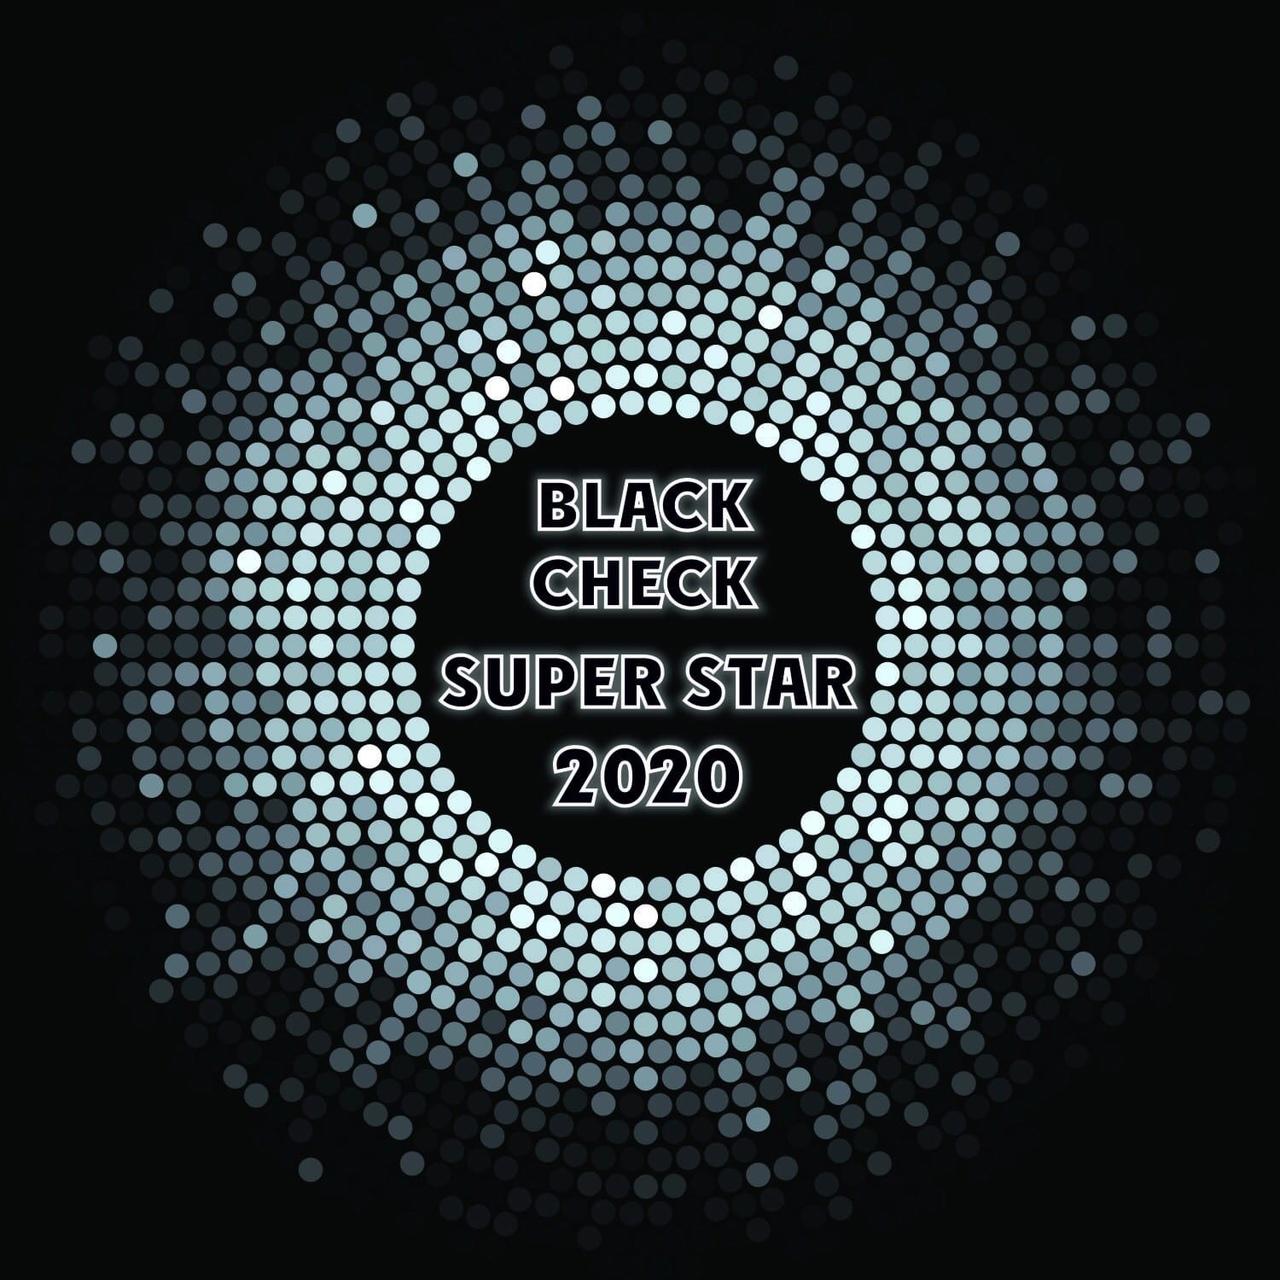 Афиша BLACK CHECK SUPER STAR 2020